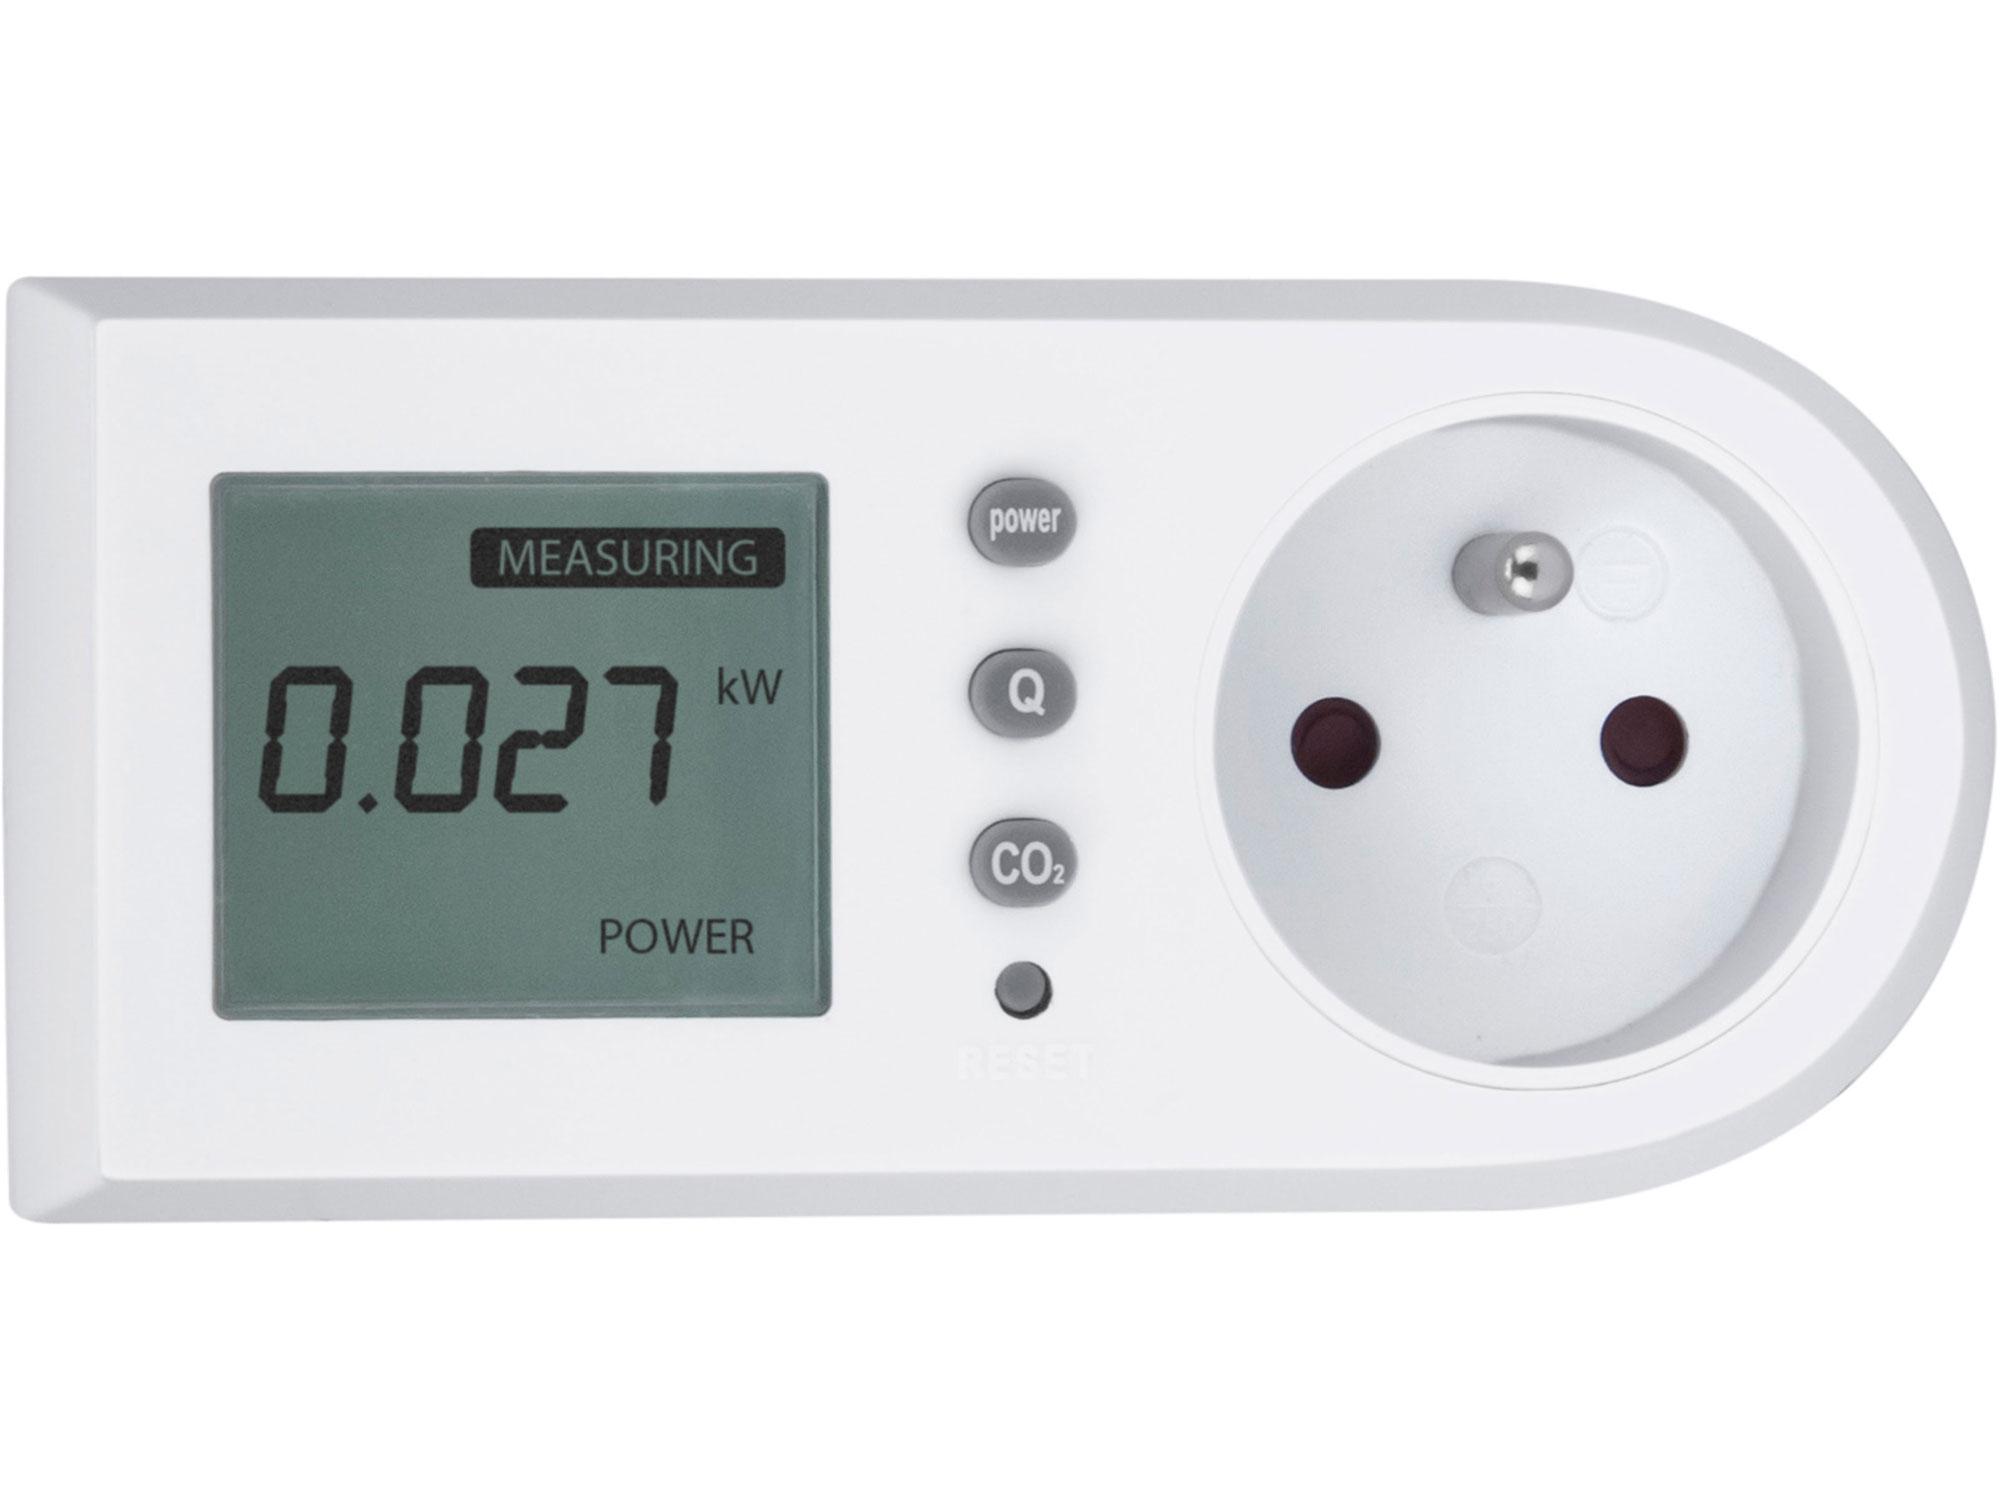 Měřič spotřeby el. energie - wattmetr, kW, kWh, CO2 EXTOL LIGHT 43900